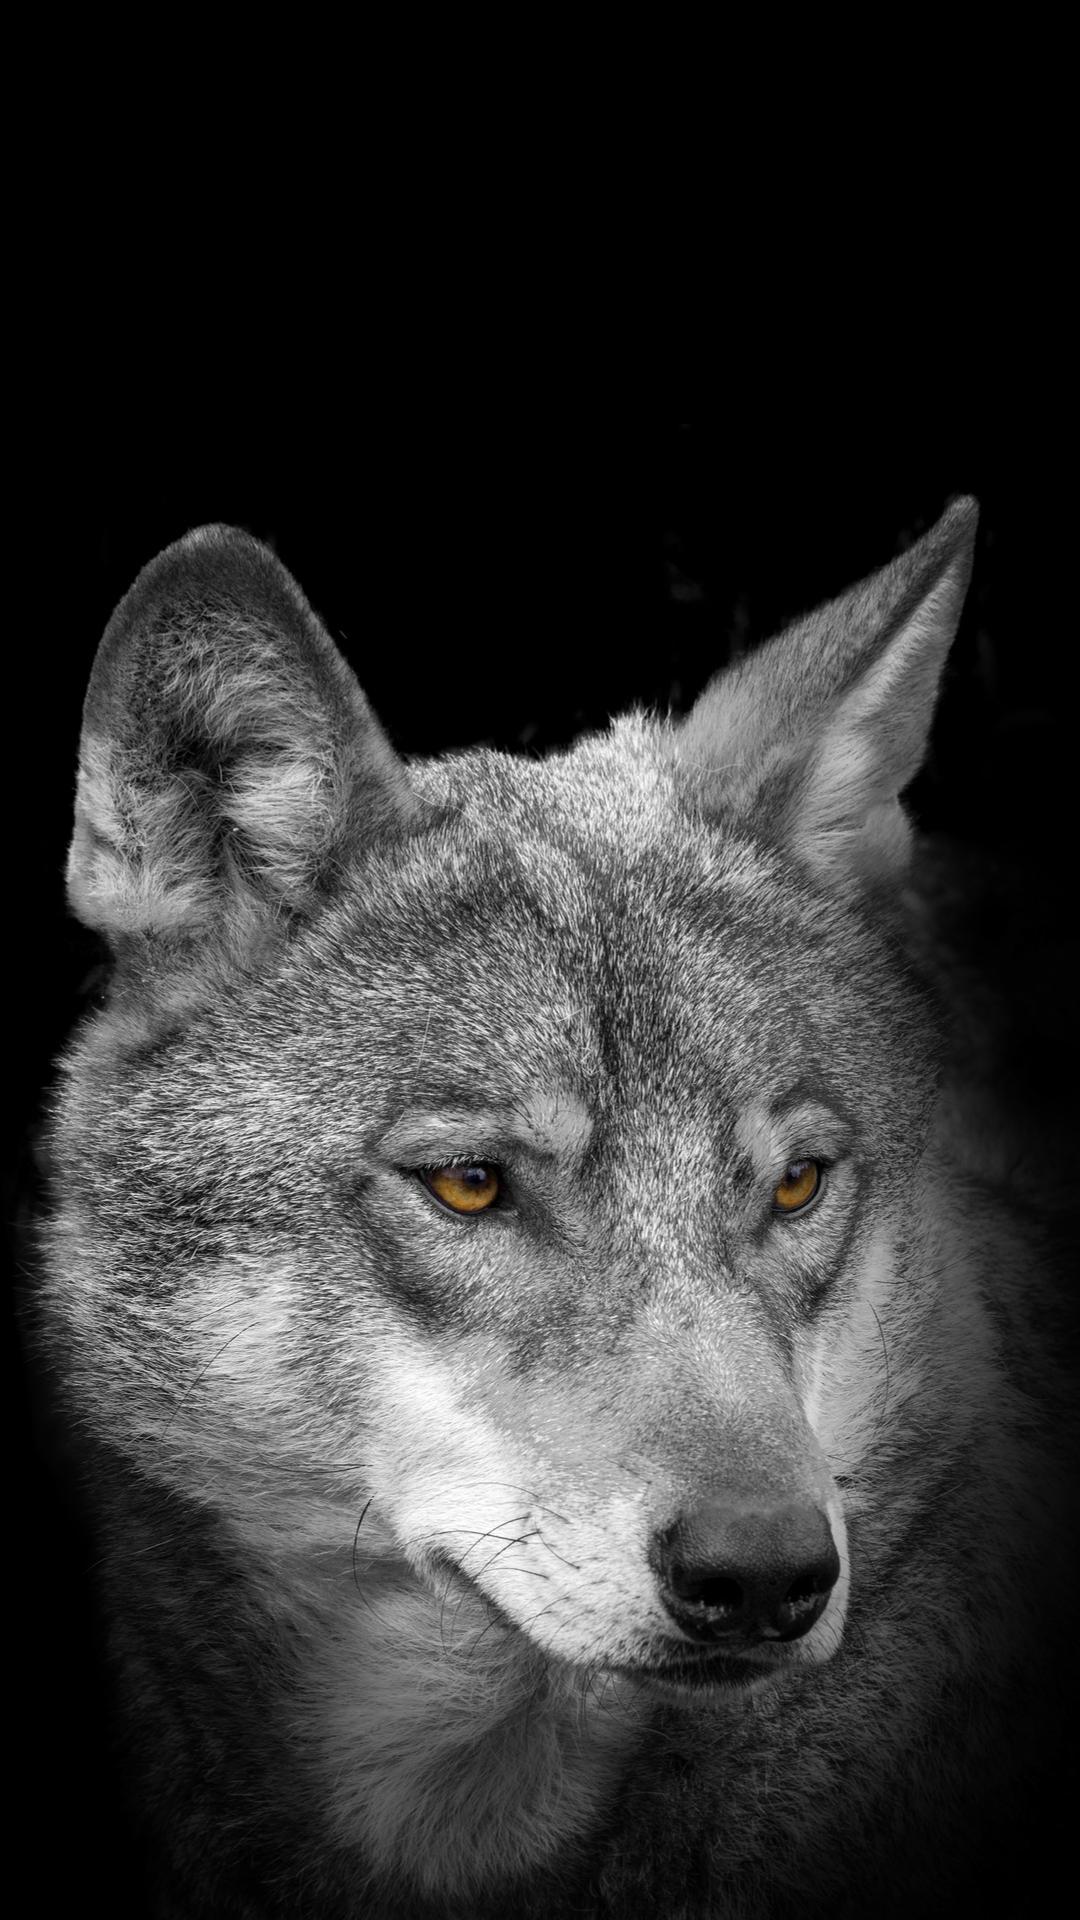 Android 用の 狼の壁紙 Apk をダウンロード